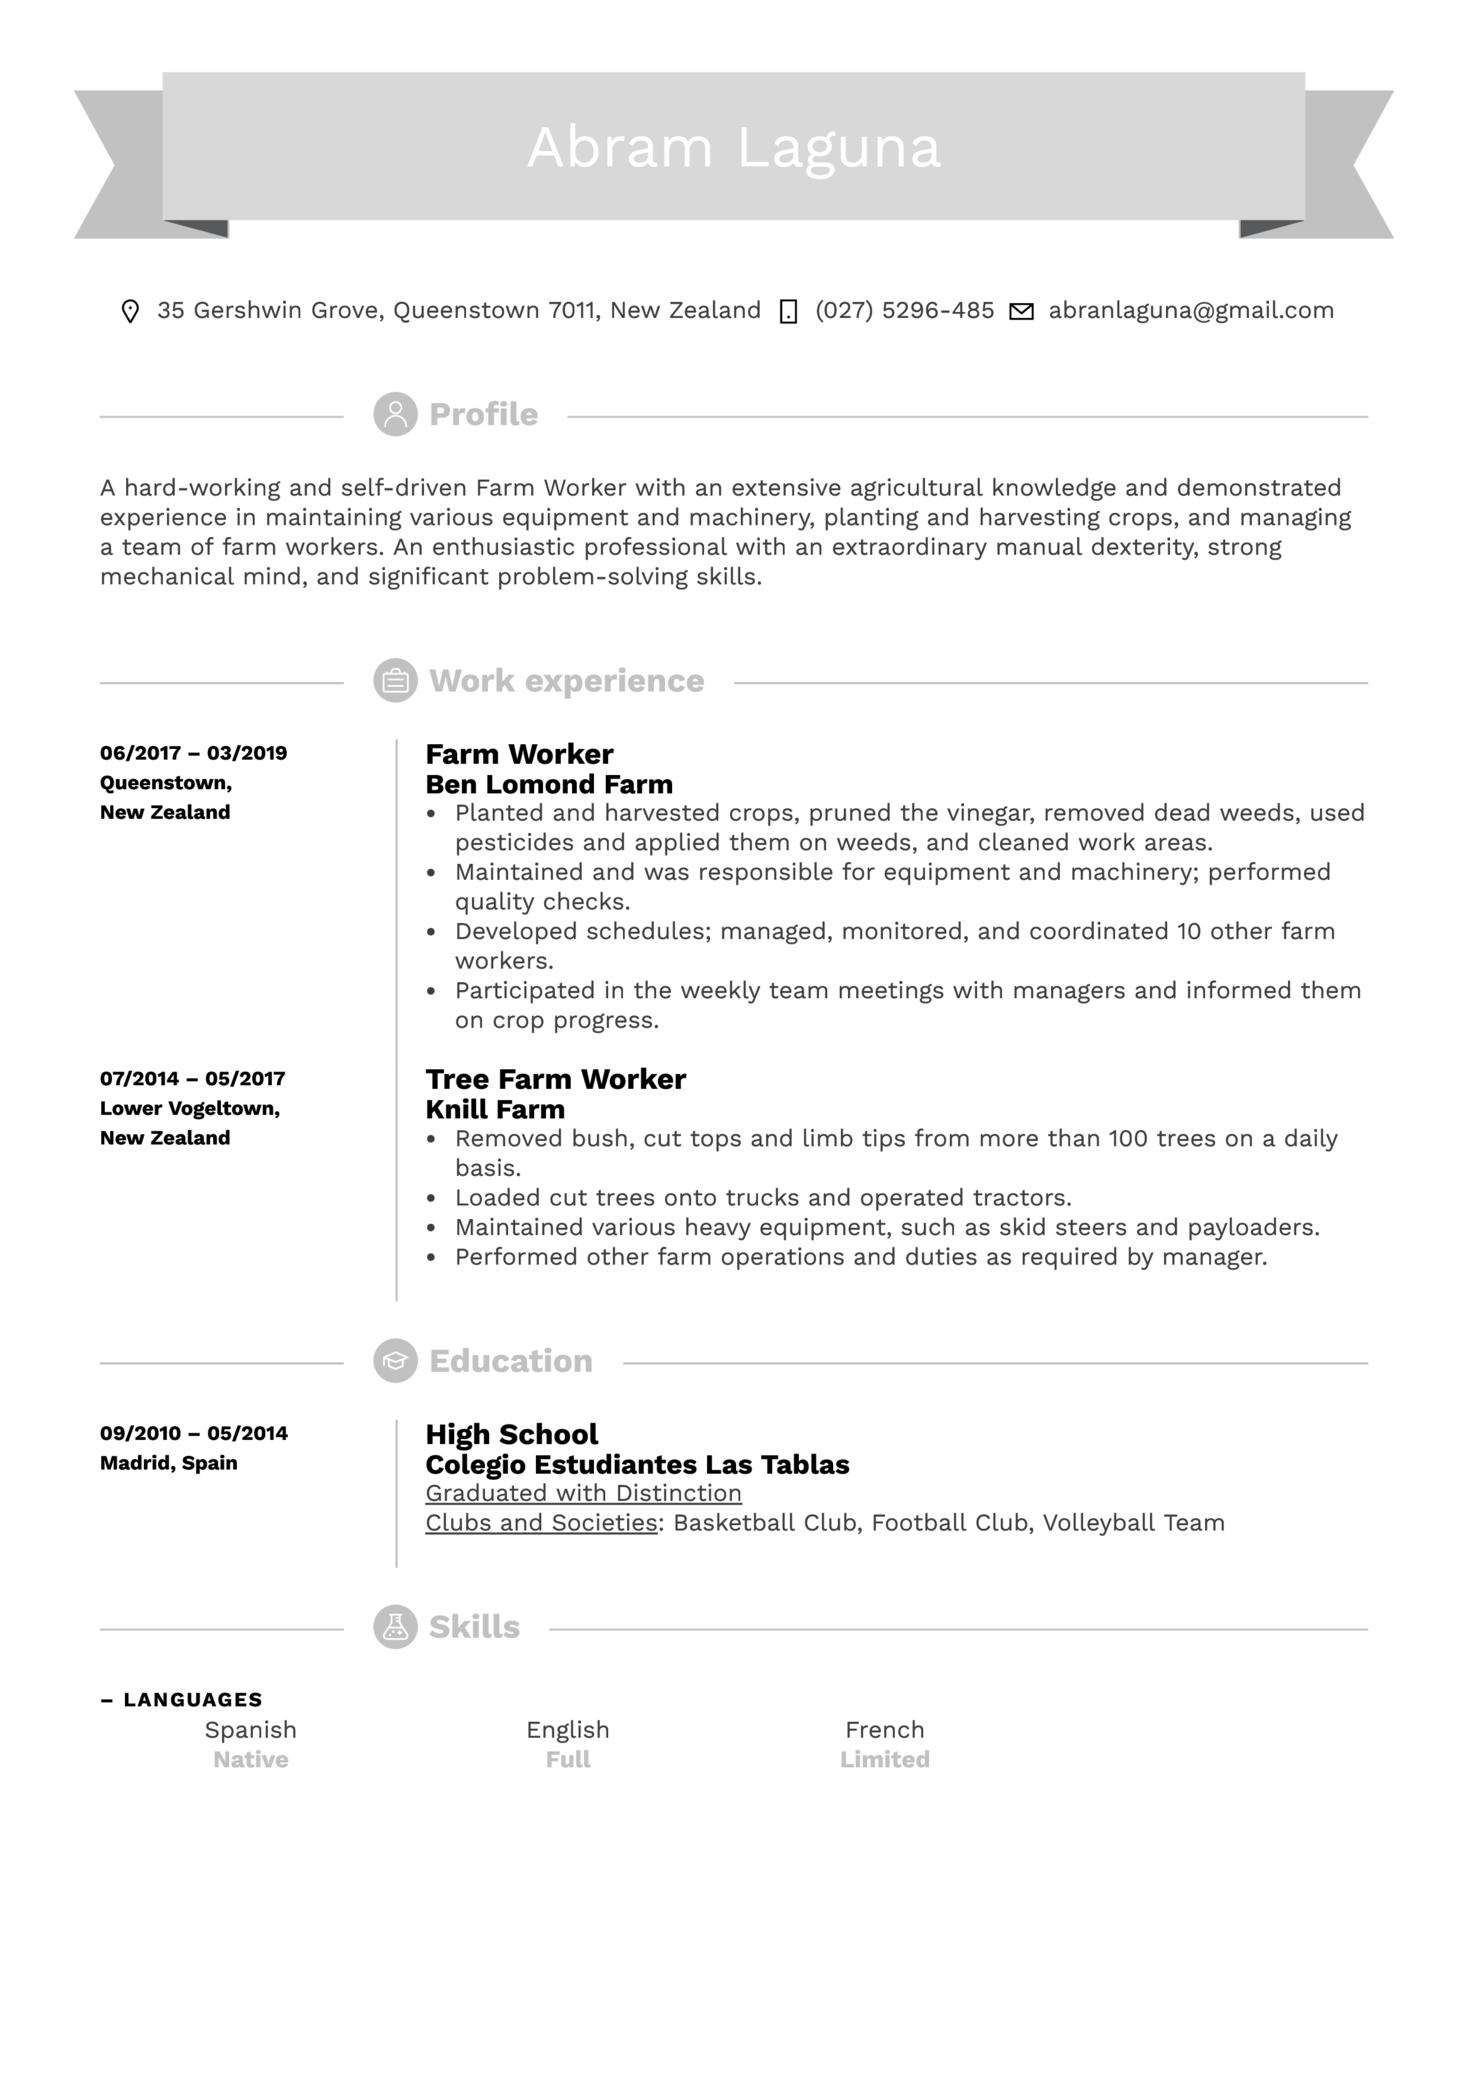 Farm Worker Resume Sample (časť 1)